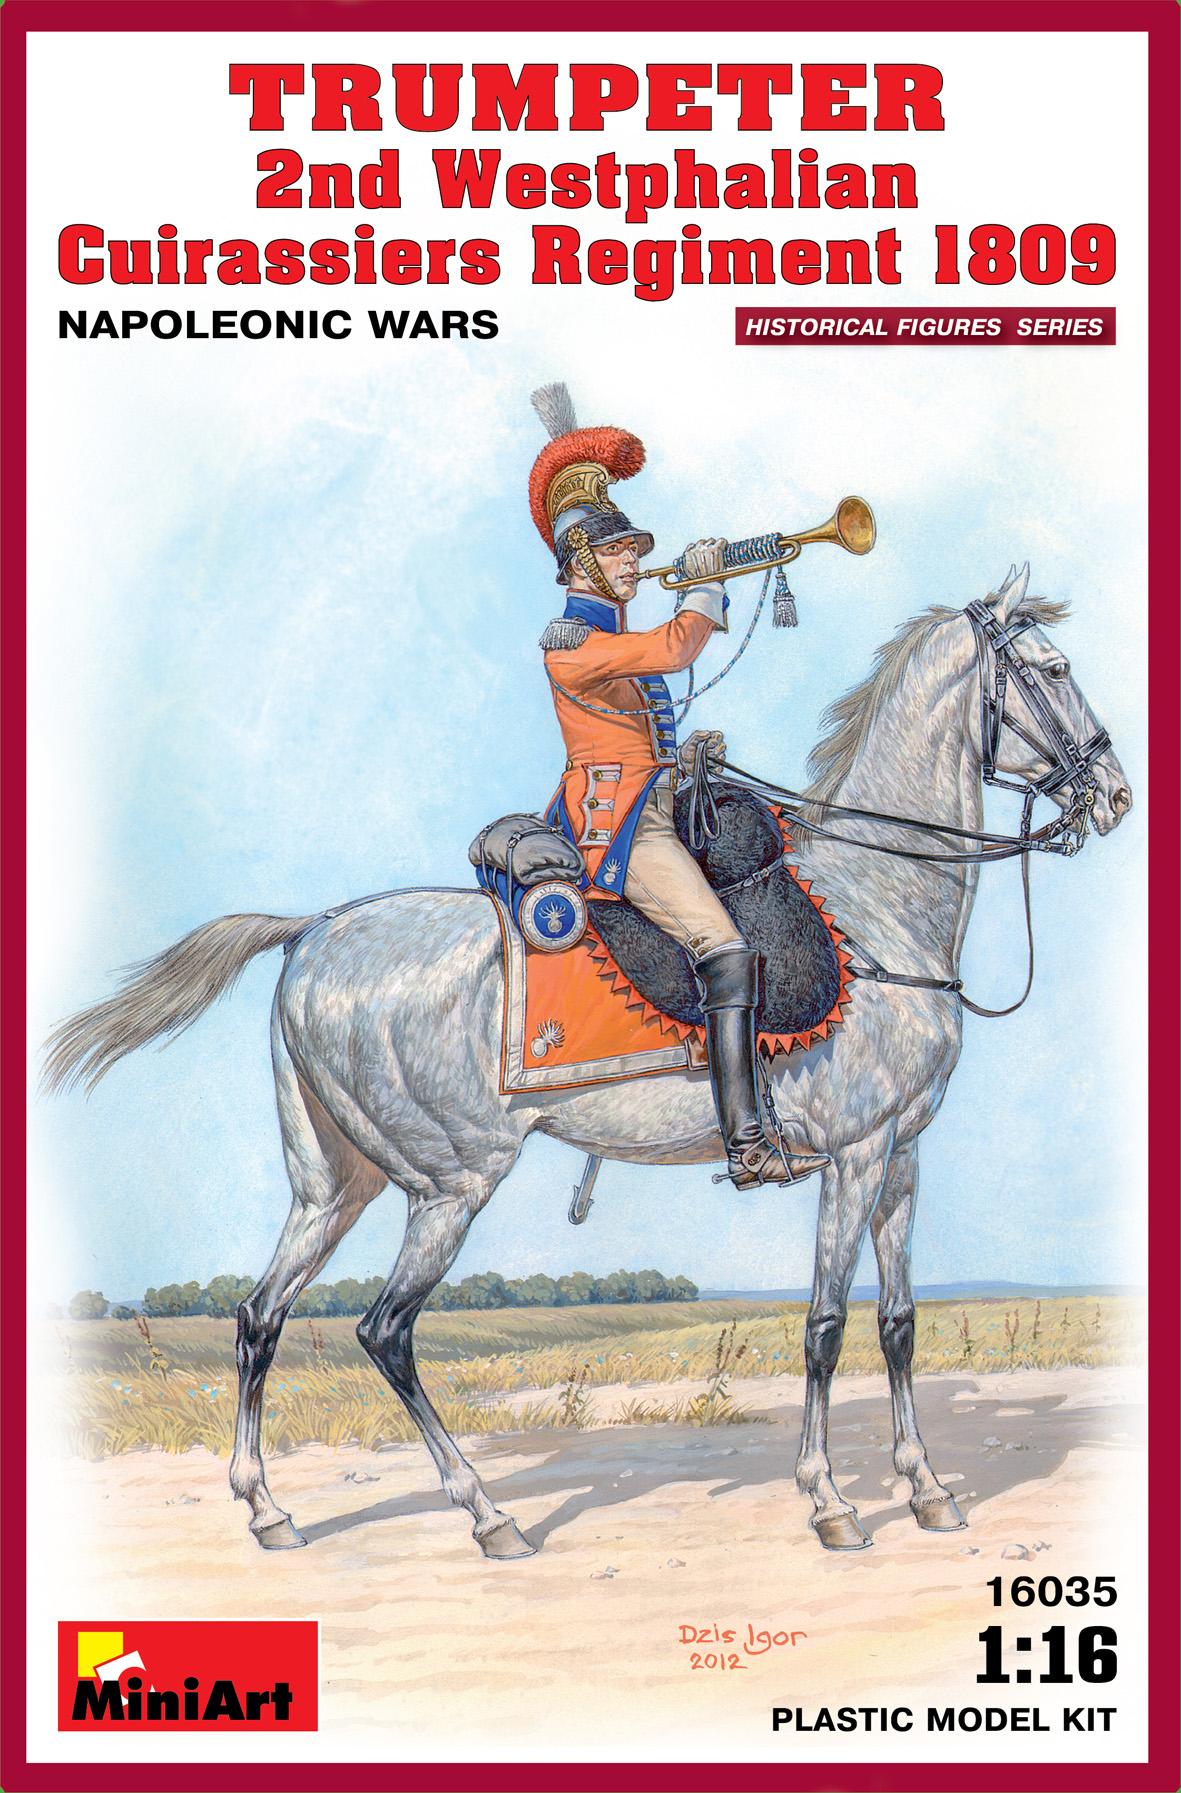 TRUMPETER 2nd Westphalian Cuirassiers Regiment 1809 Napoleonic wars